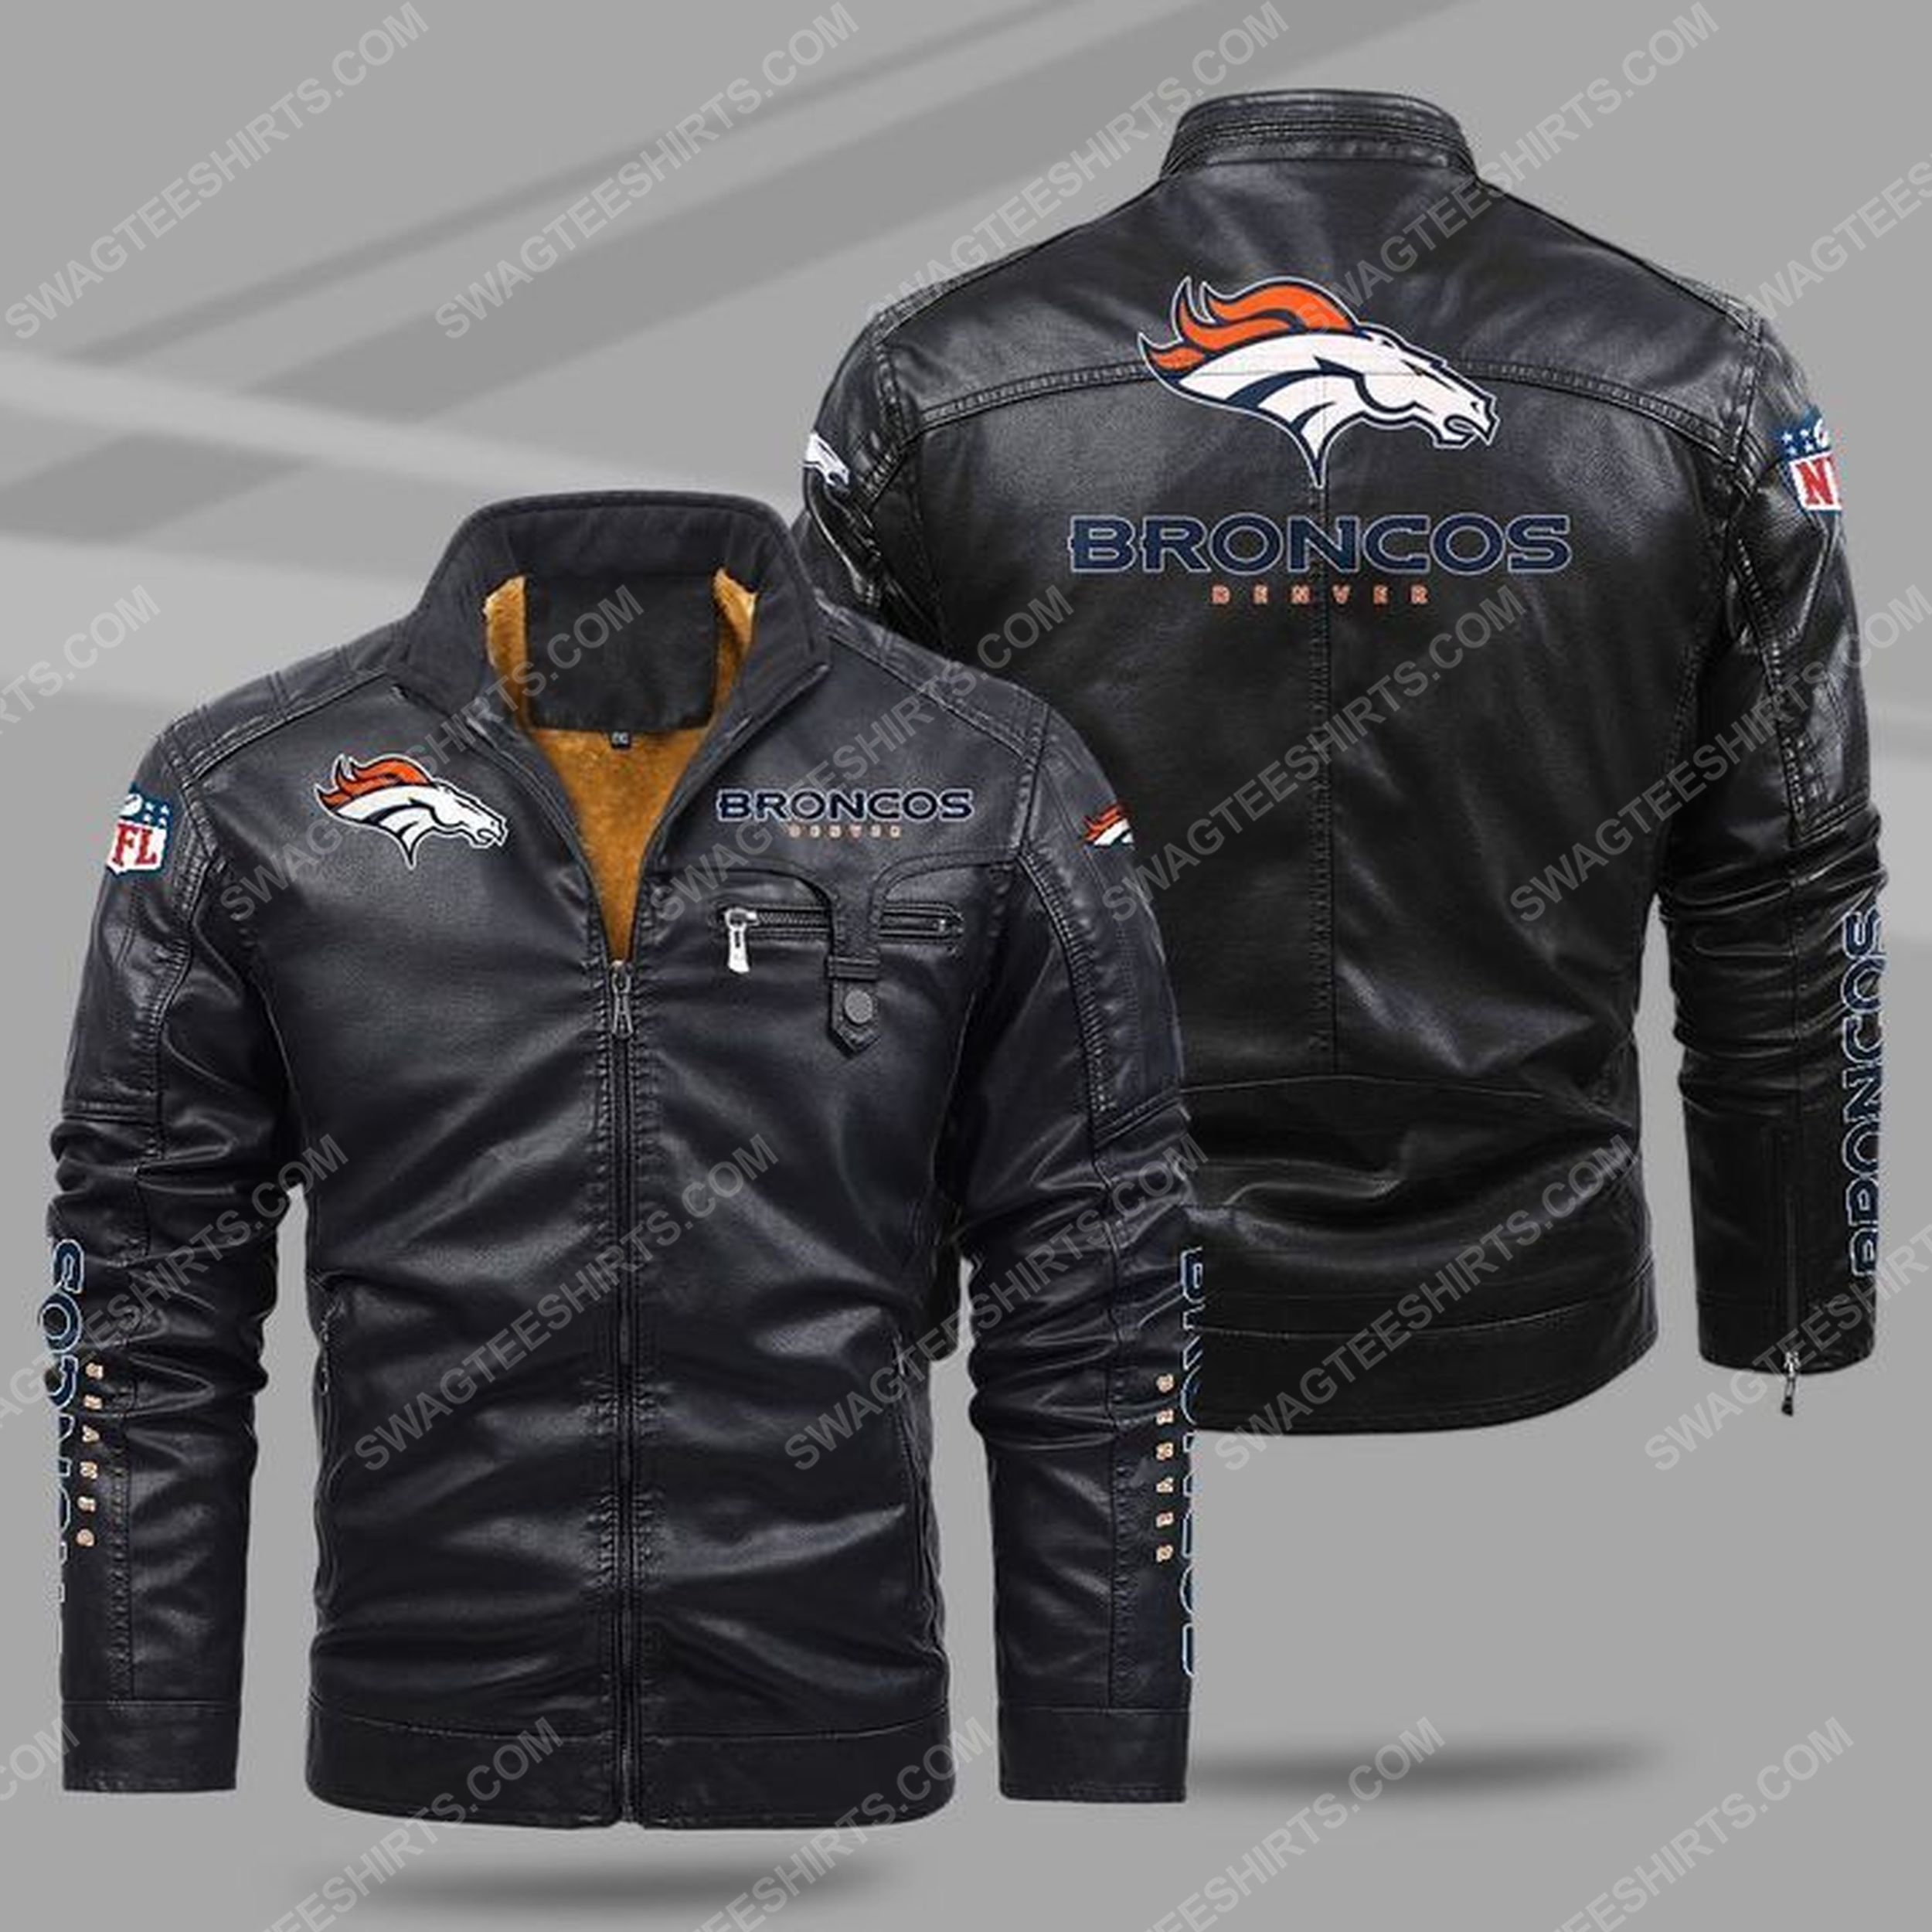 The denver broncos nfl all over print fleece leather jacket - black 1 - Copy